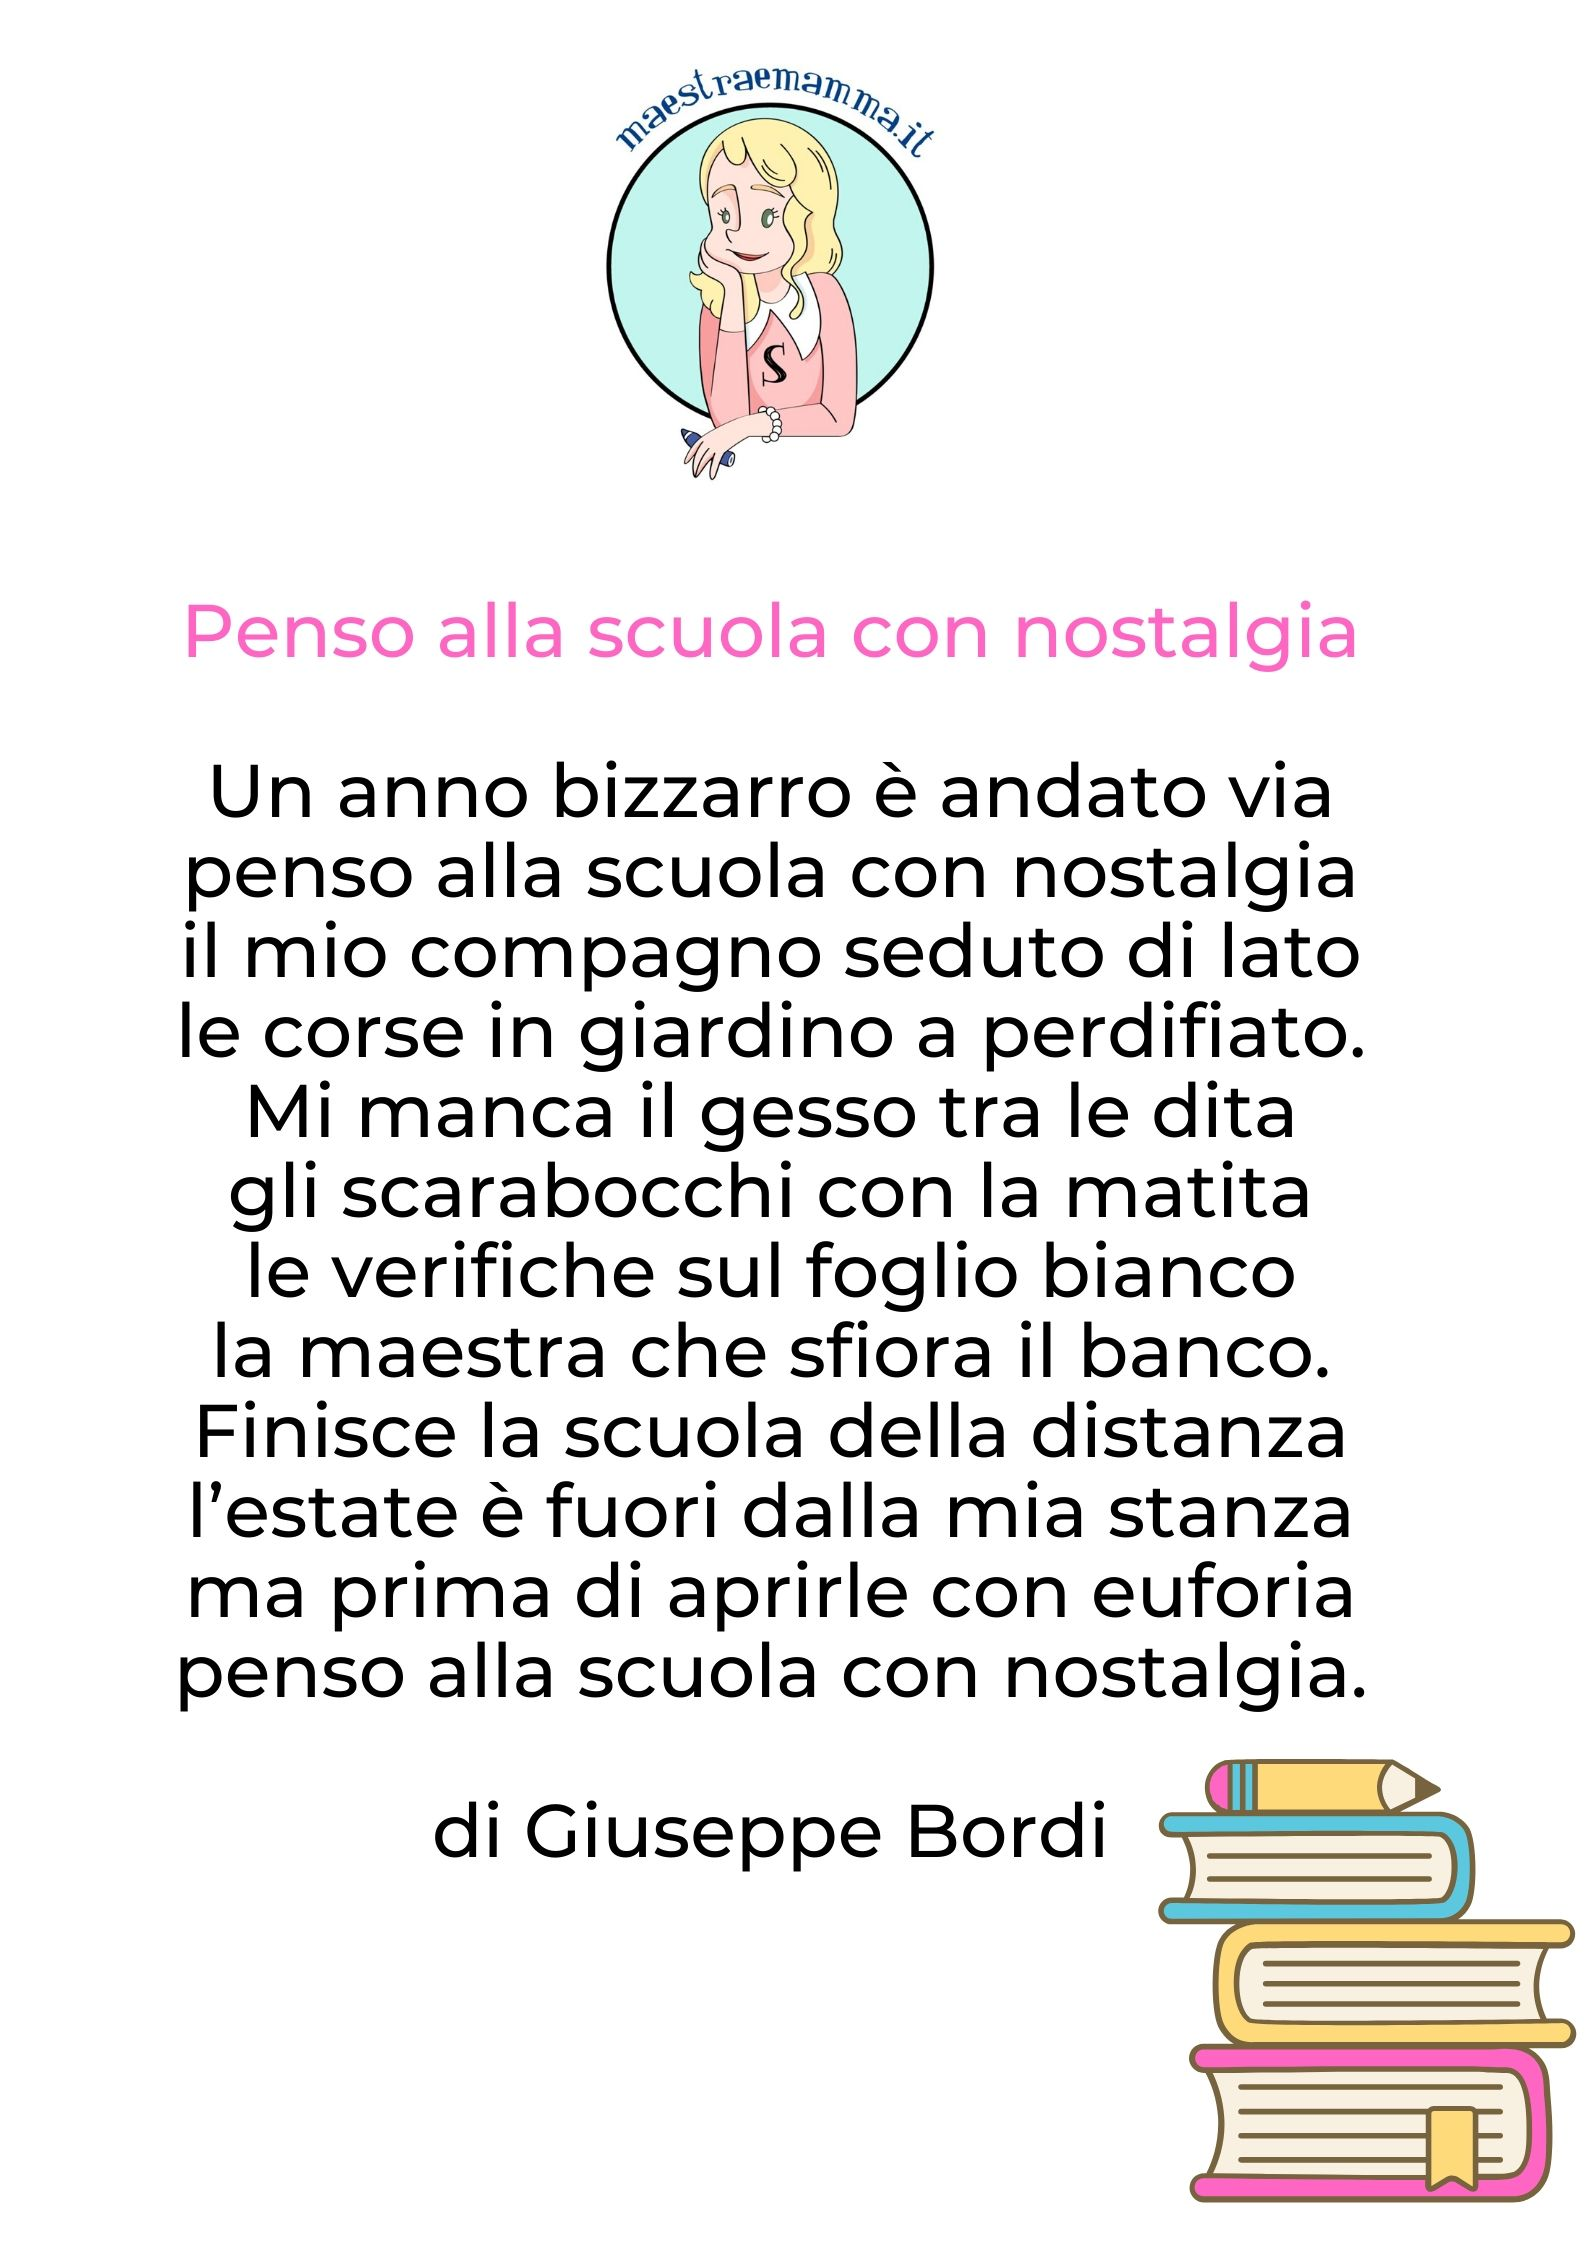 Penso alla scuola con nostalgia - poesia di Giuseppe Bordi -FINE ANNO SCOLASTICO - POESIA PER BAMBINI